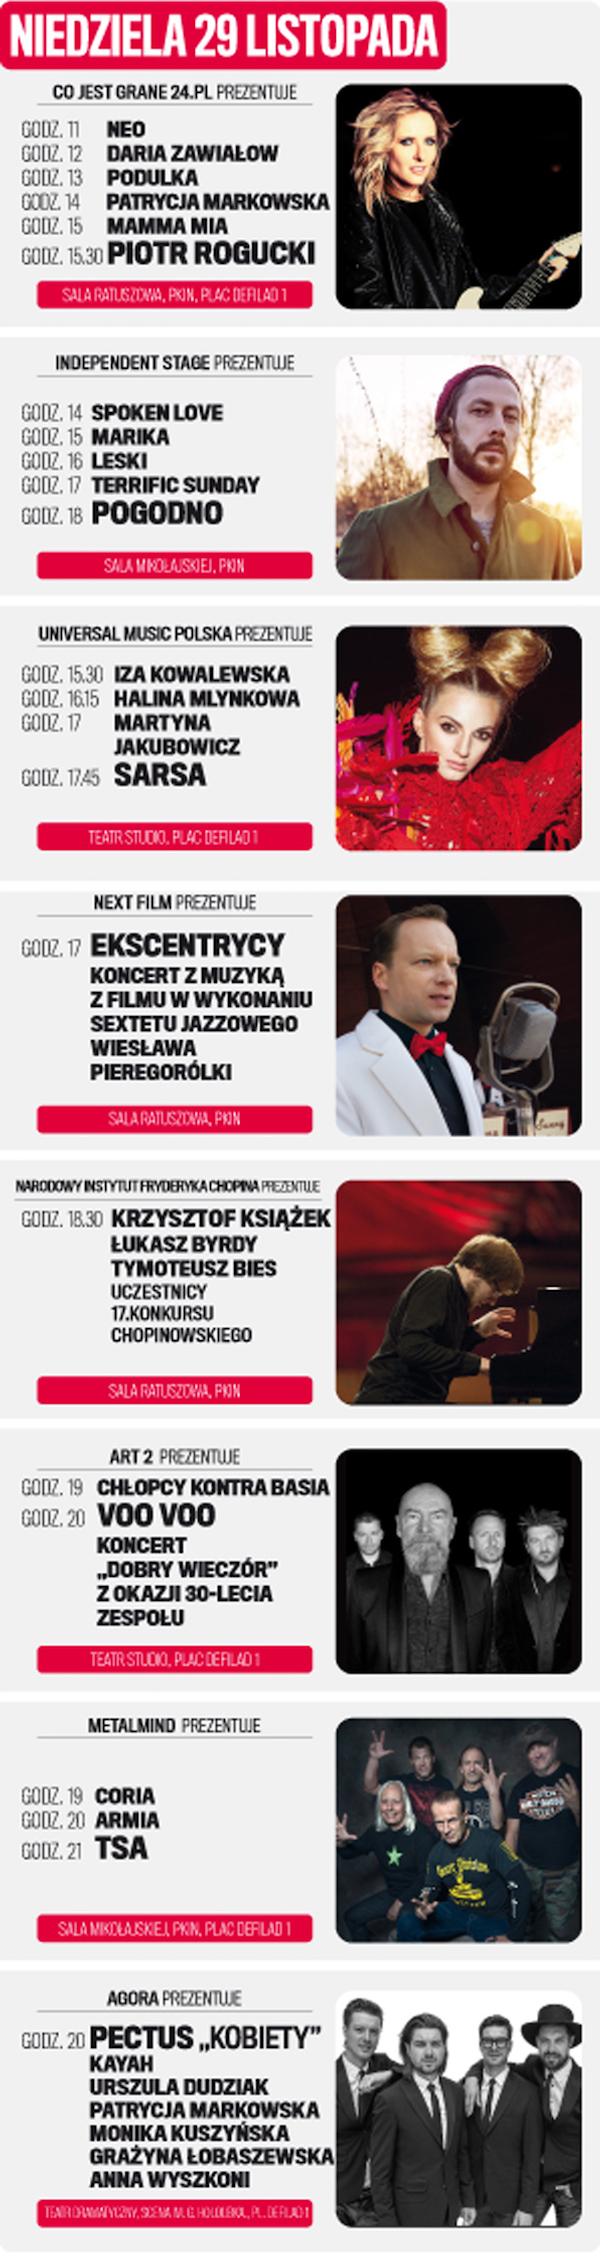 cjg2015-koncerty-niedziela